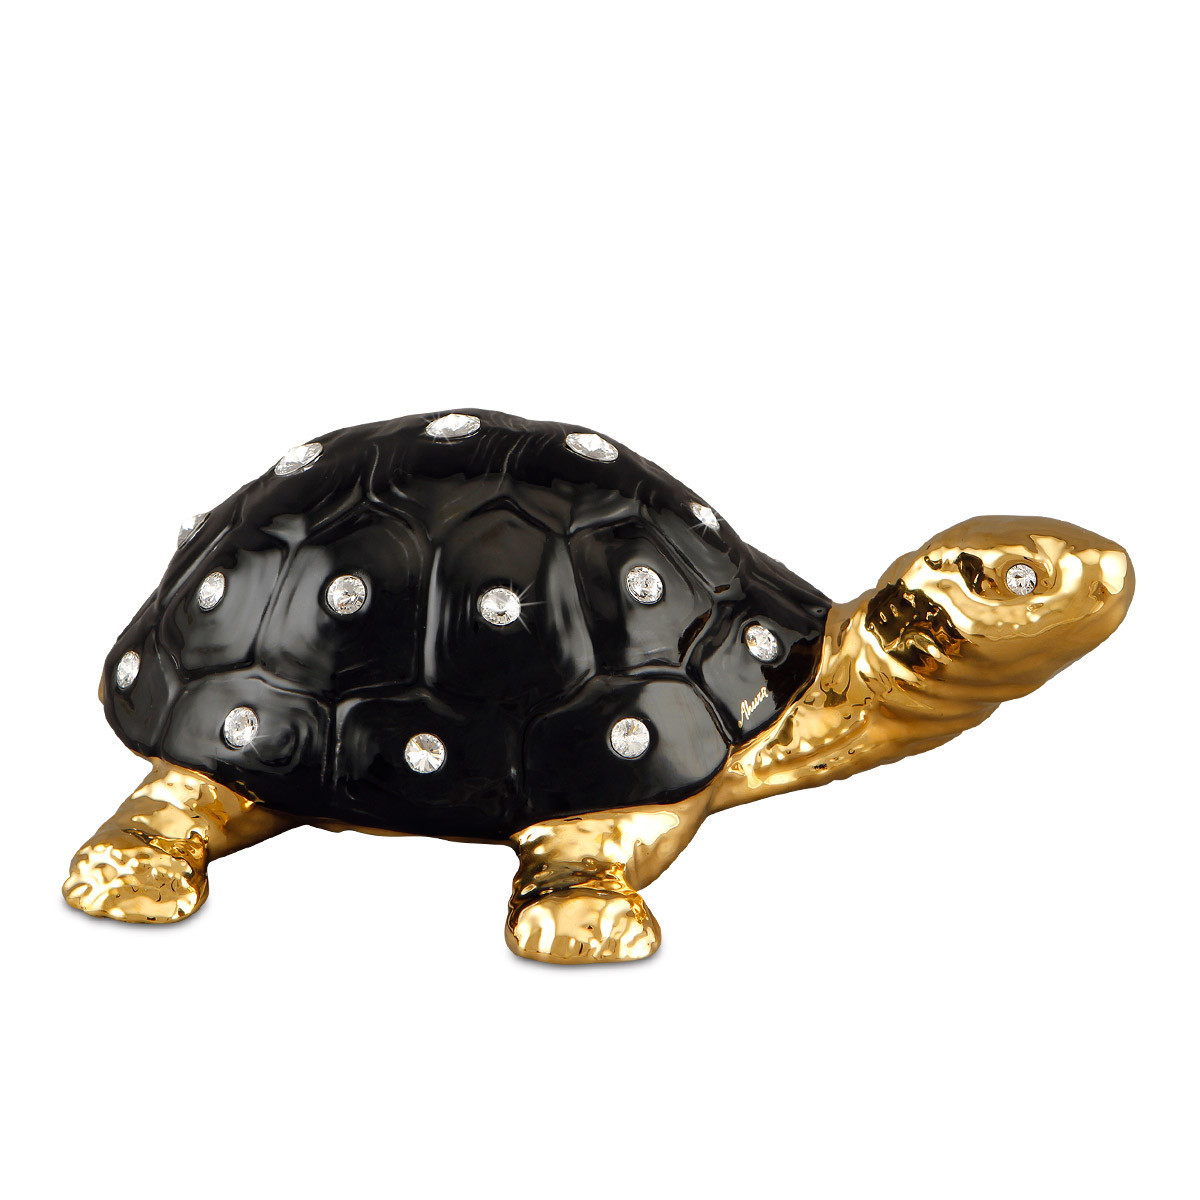 Статуэтка Черепаха. Италия, ручная работа